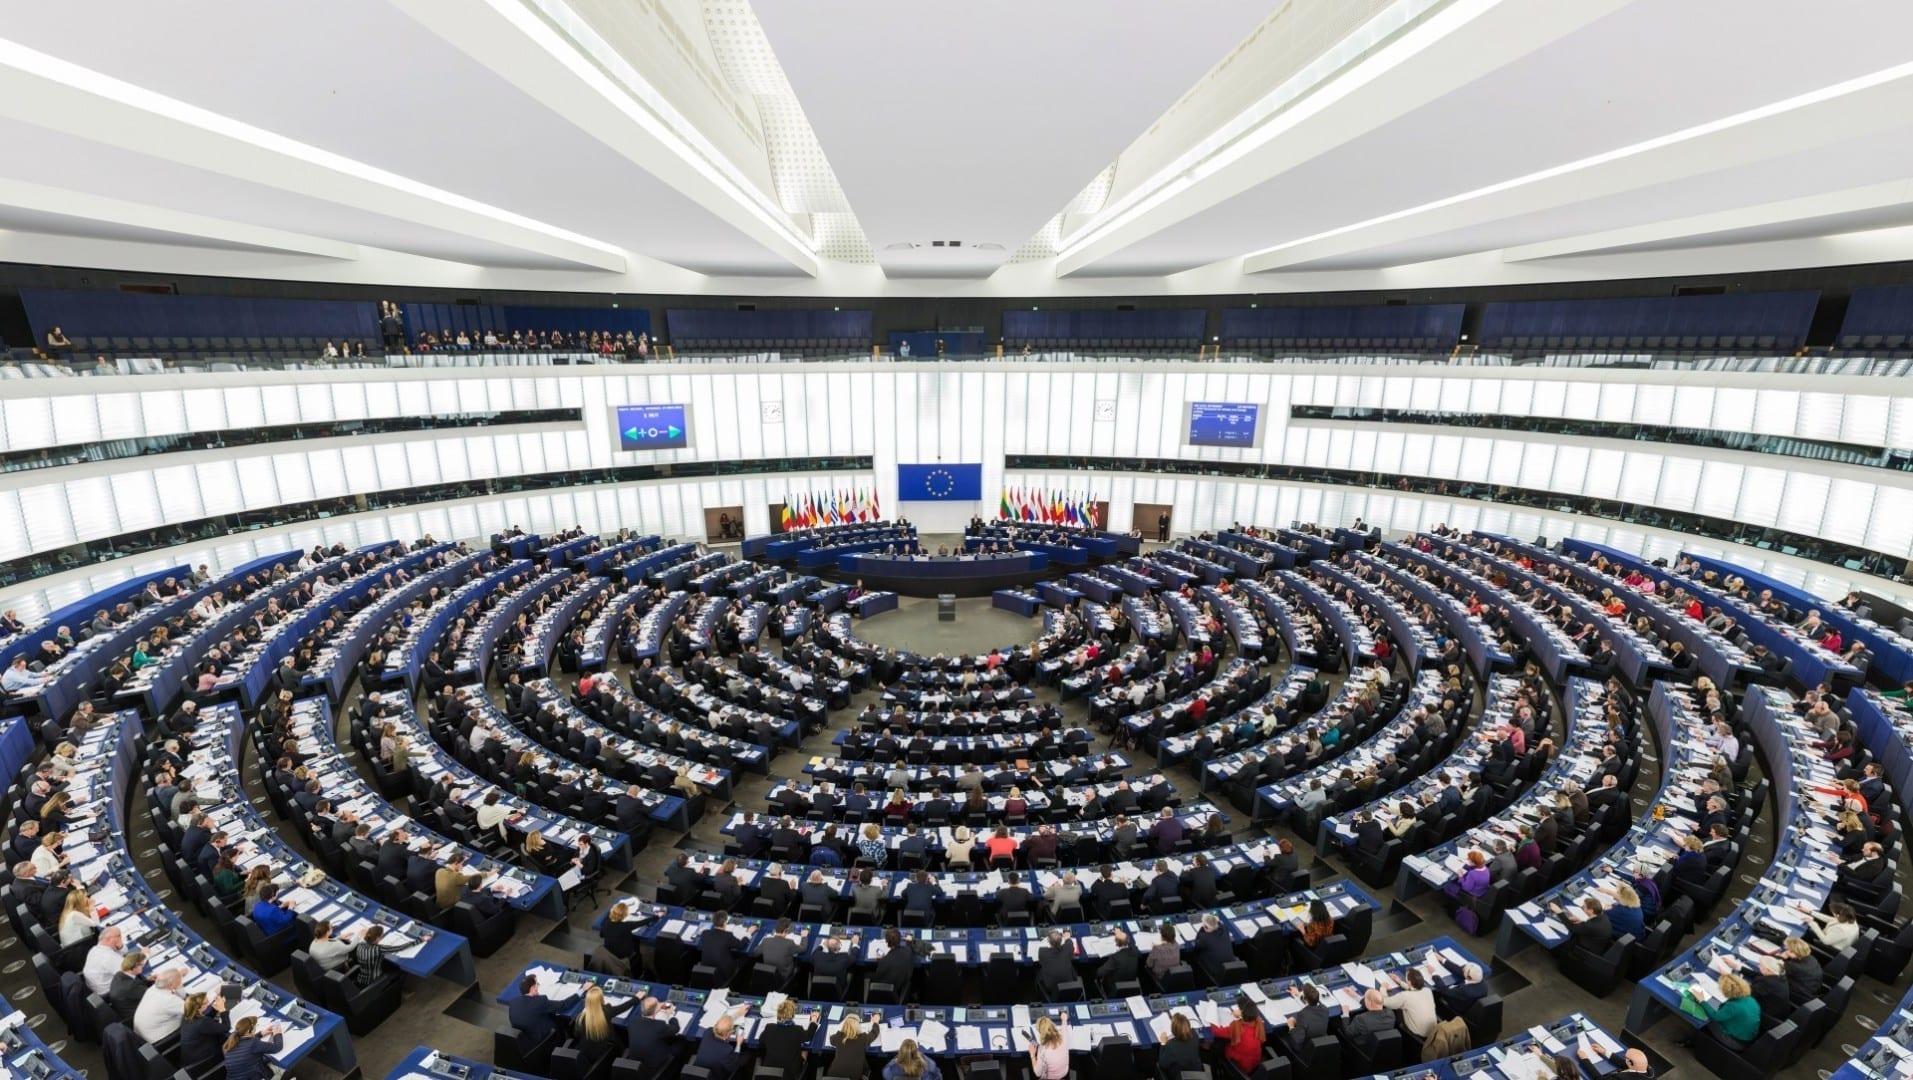 El Hemiciclo del Parlamento Europeo Estrasburgo Francia